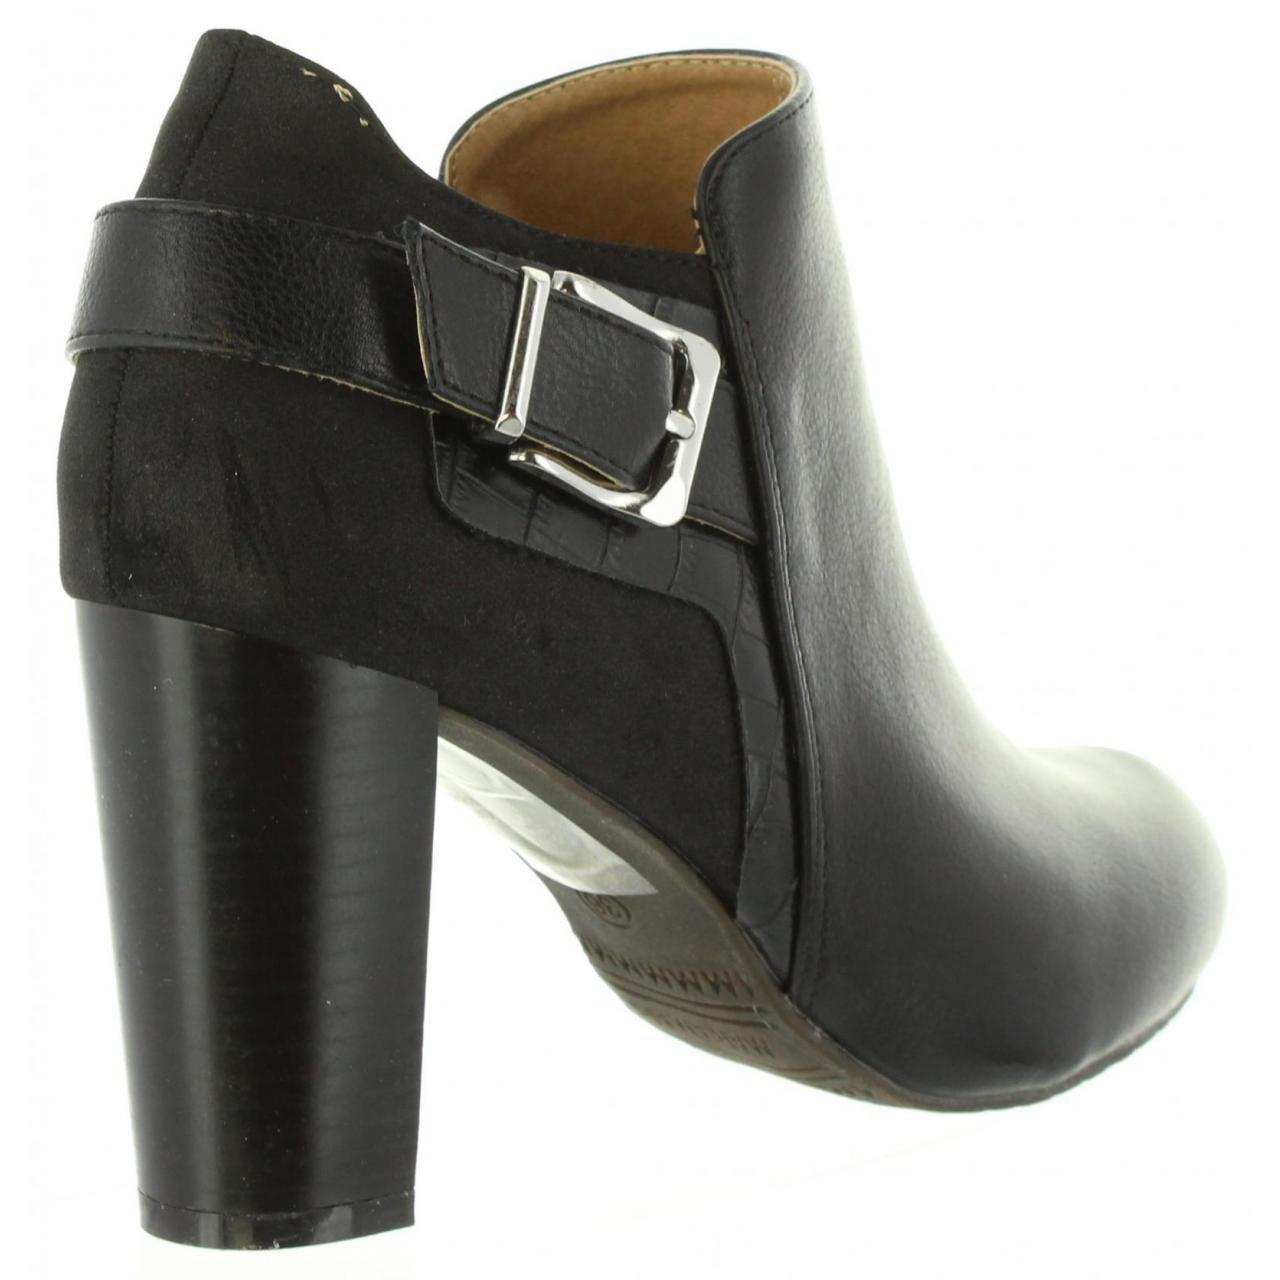 MARIA MARE Botines de Mujer 61325 C8292 COMBI NEGRO Talla 37: Amazon.es: Zapatos y complementos